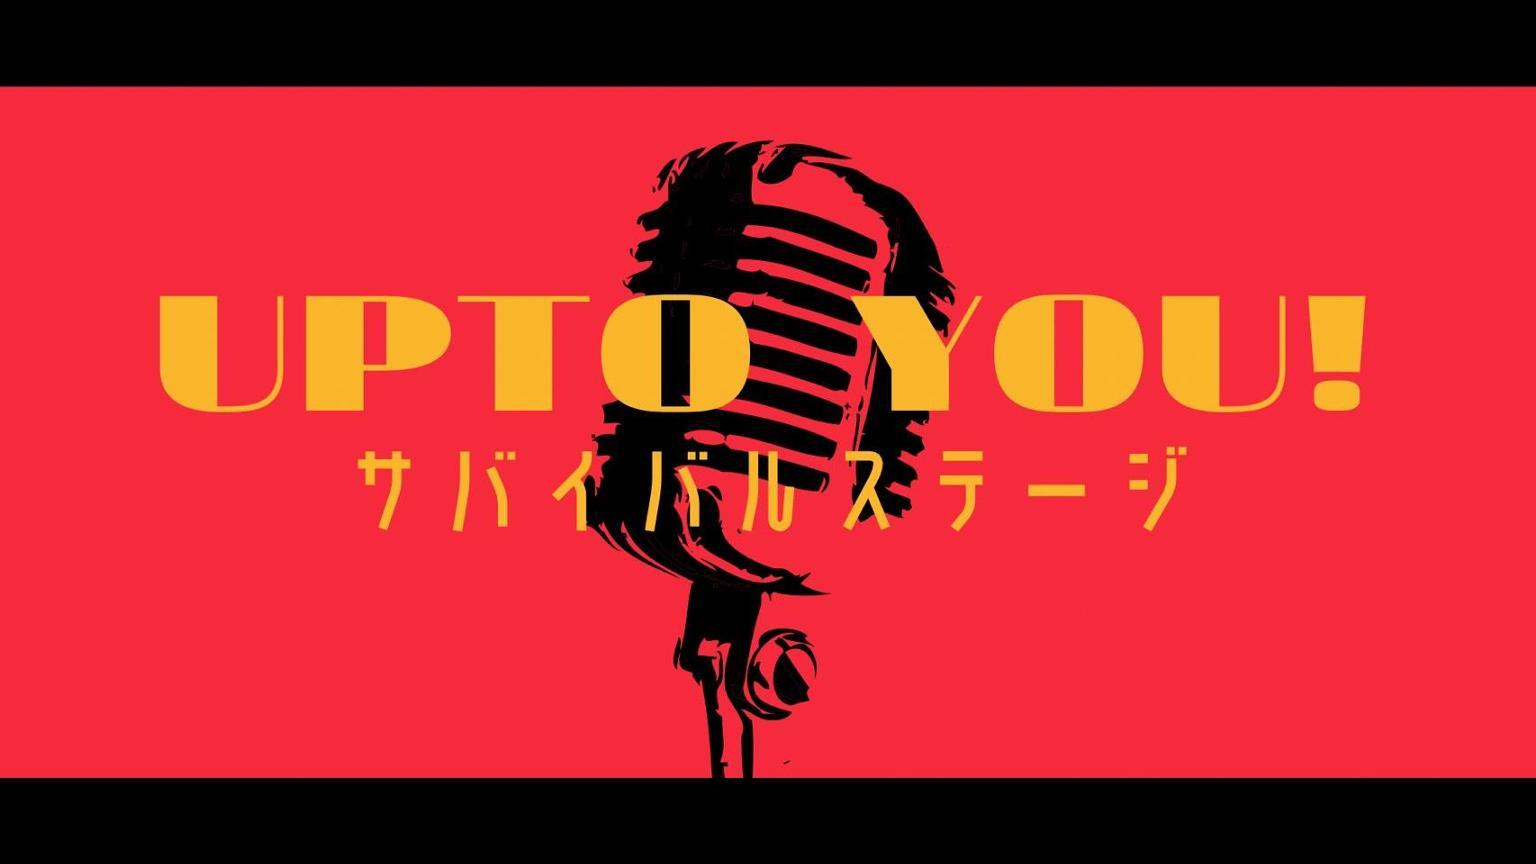 【吉本公式】UP TO YOU!! サバイバルステージ